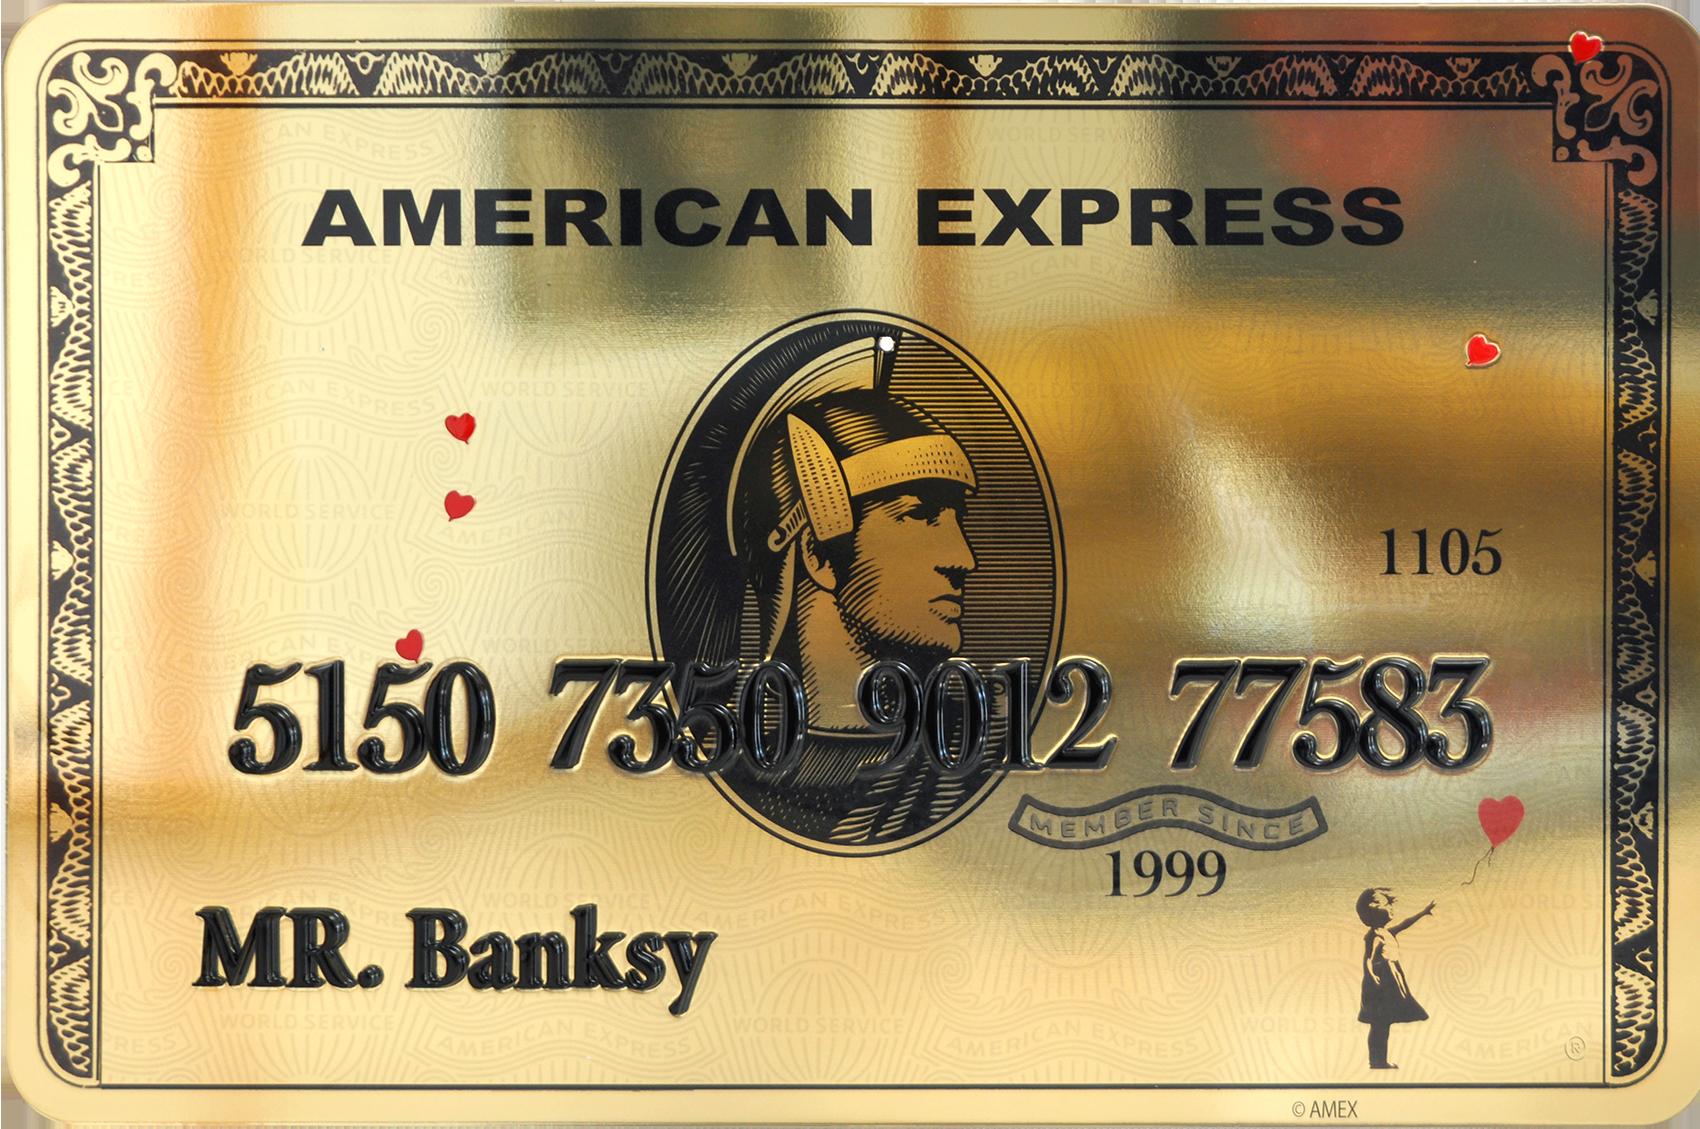 Diederik - AMEX (Mr. Banksy) , 4504-016-007